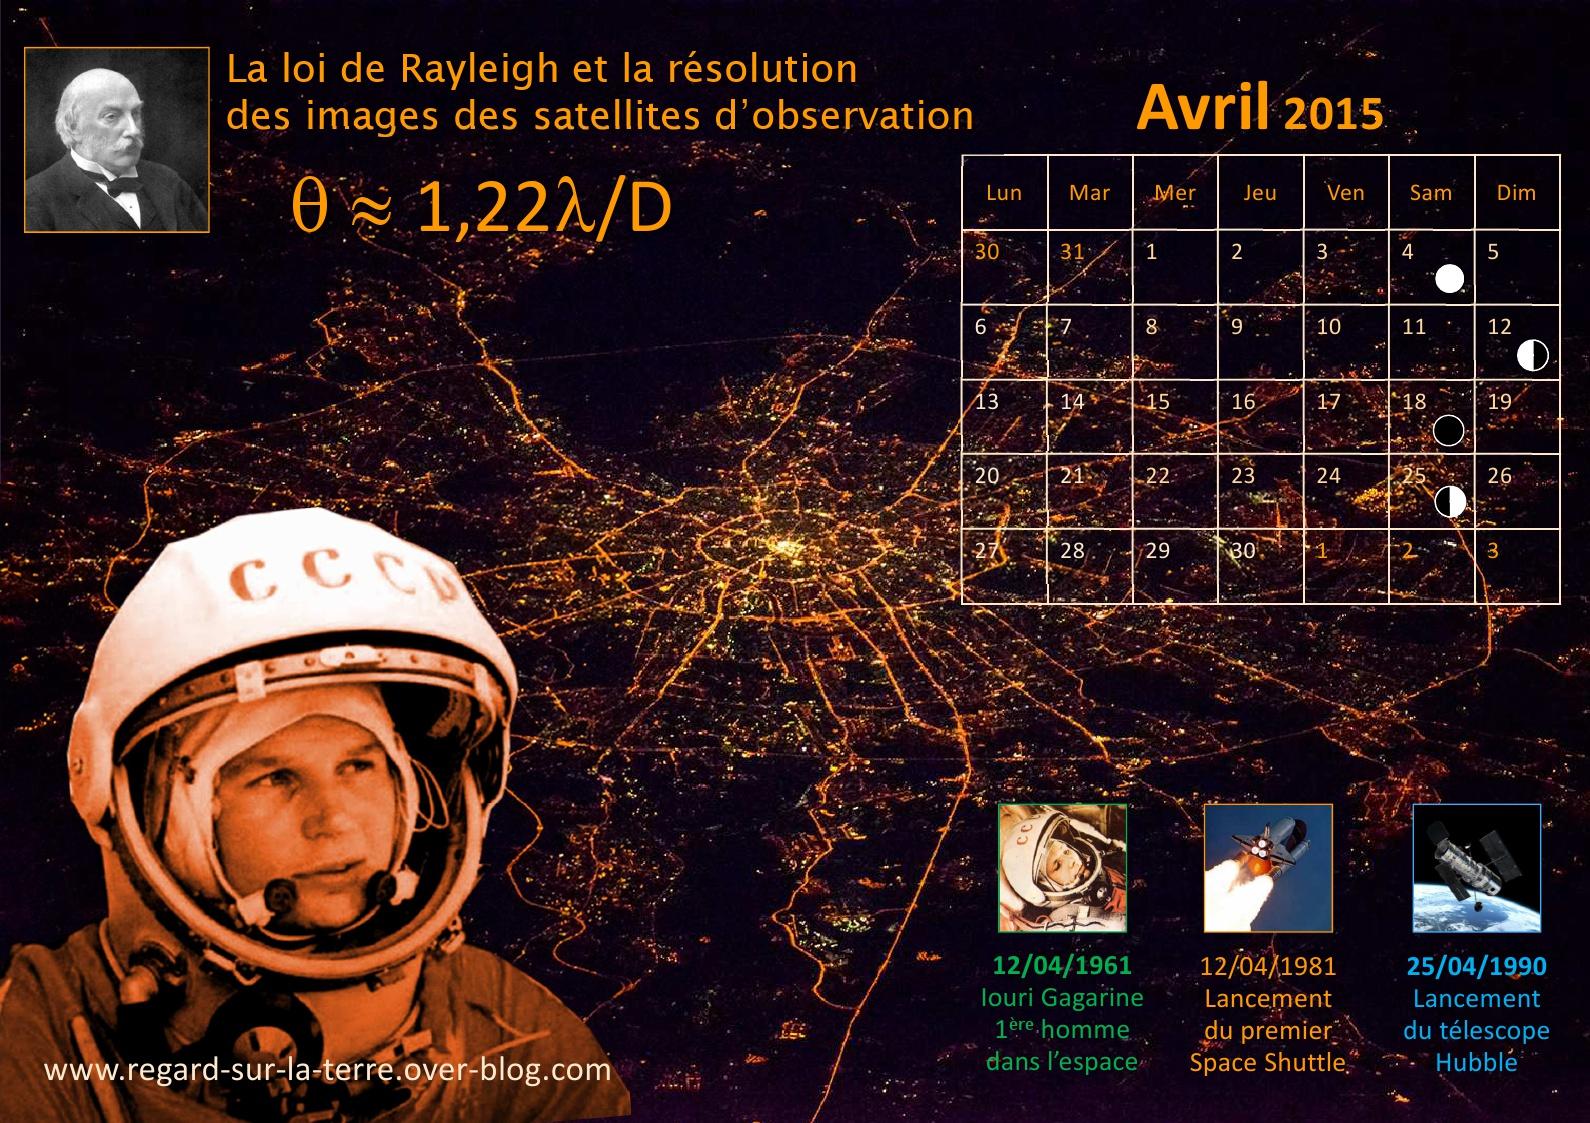 Calendrier spatial et astronomique - Avril 2015 - Gagarine - Rayleigh - Space Shuttle - 25 ans d'Hubble - Pouvoir séparateur des instruments d'observation - Résolution des satellites